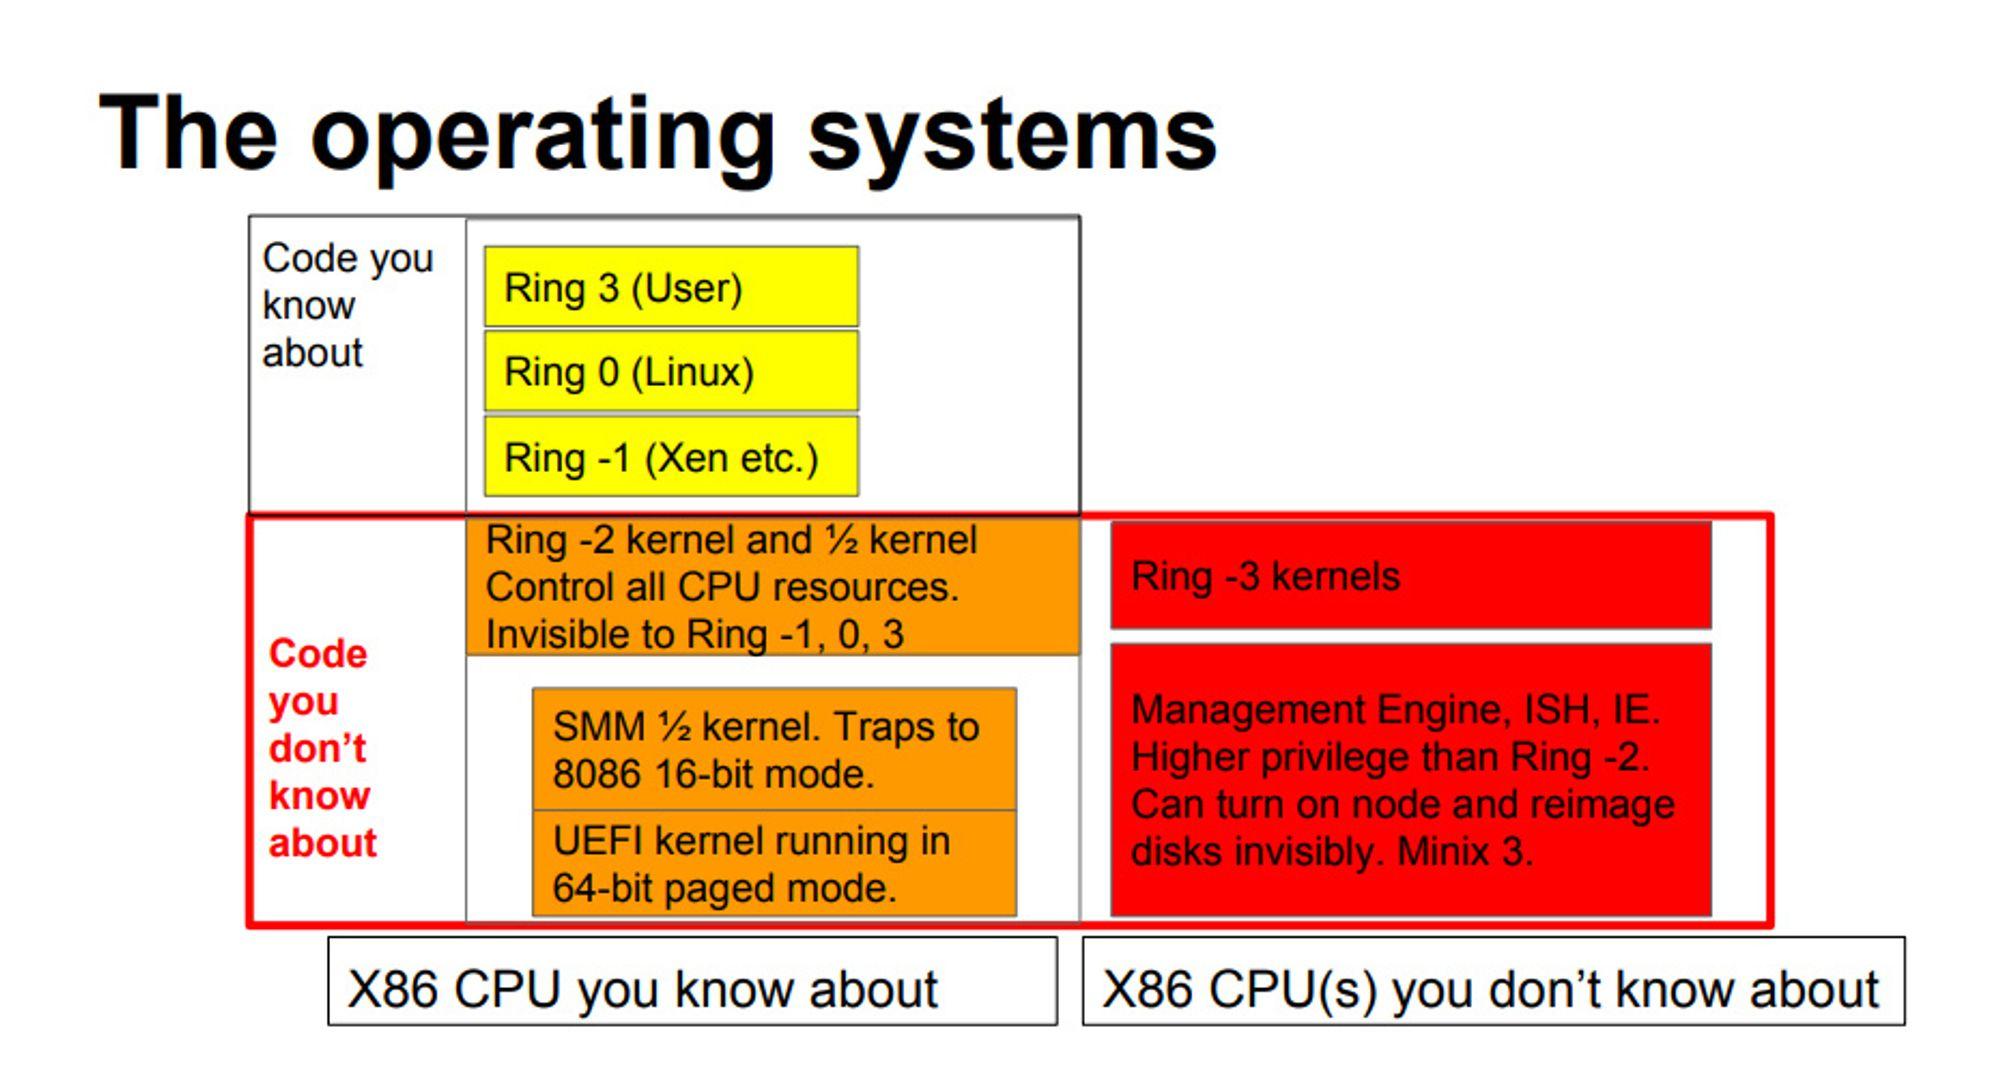 De ulike privilegiumsnivåene i x86-baserte systemer fra Intel.